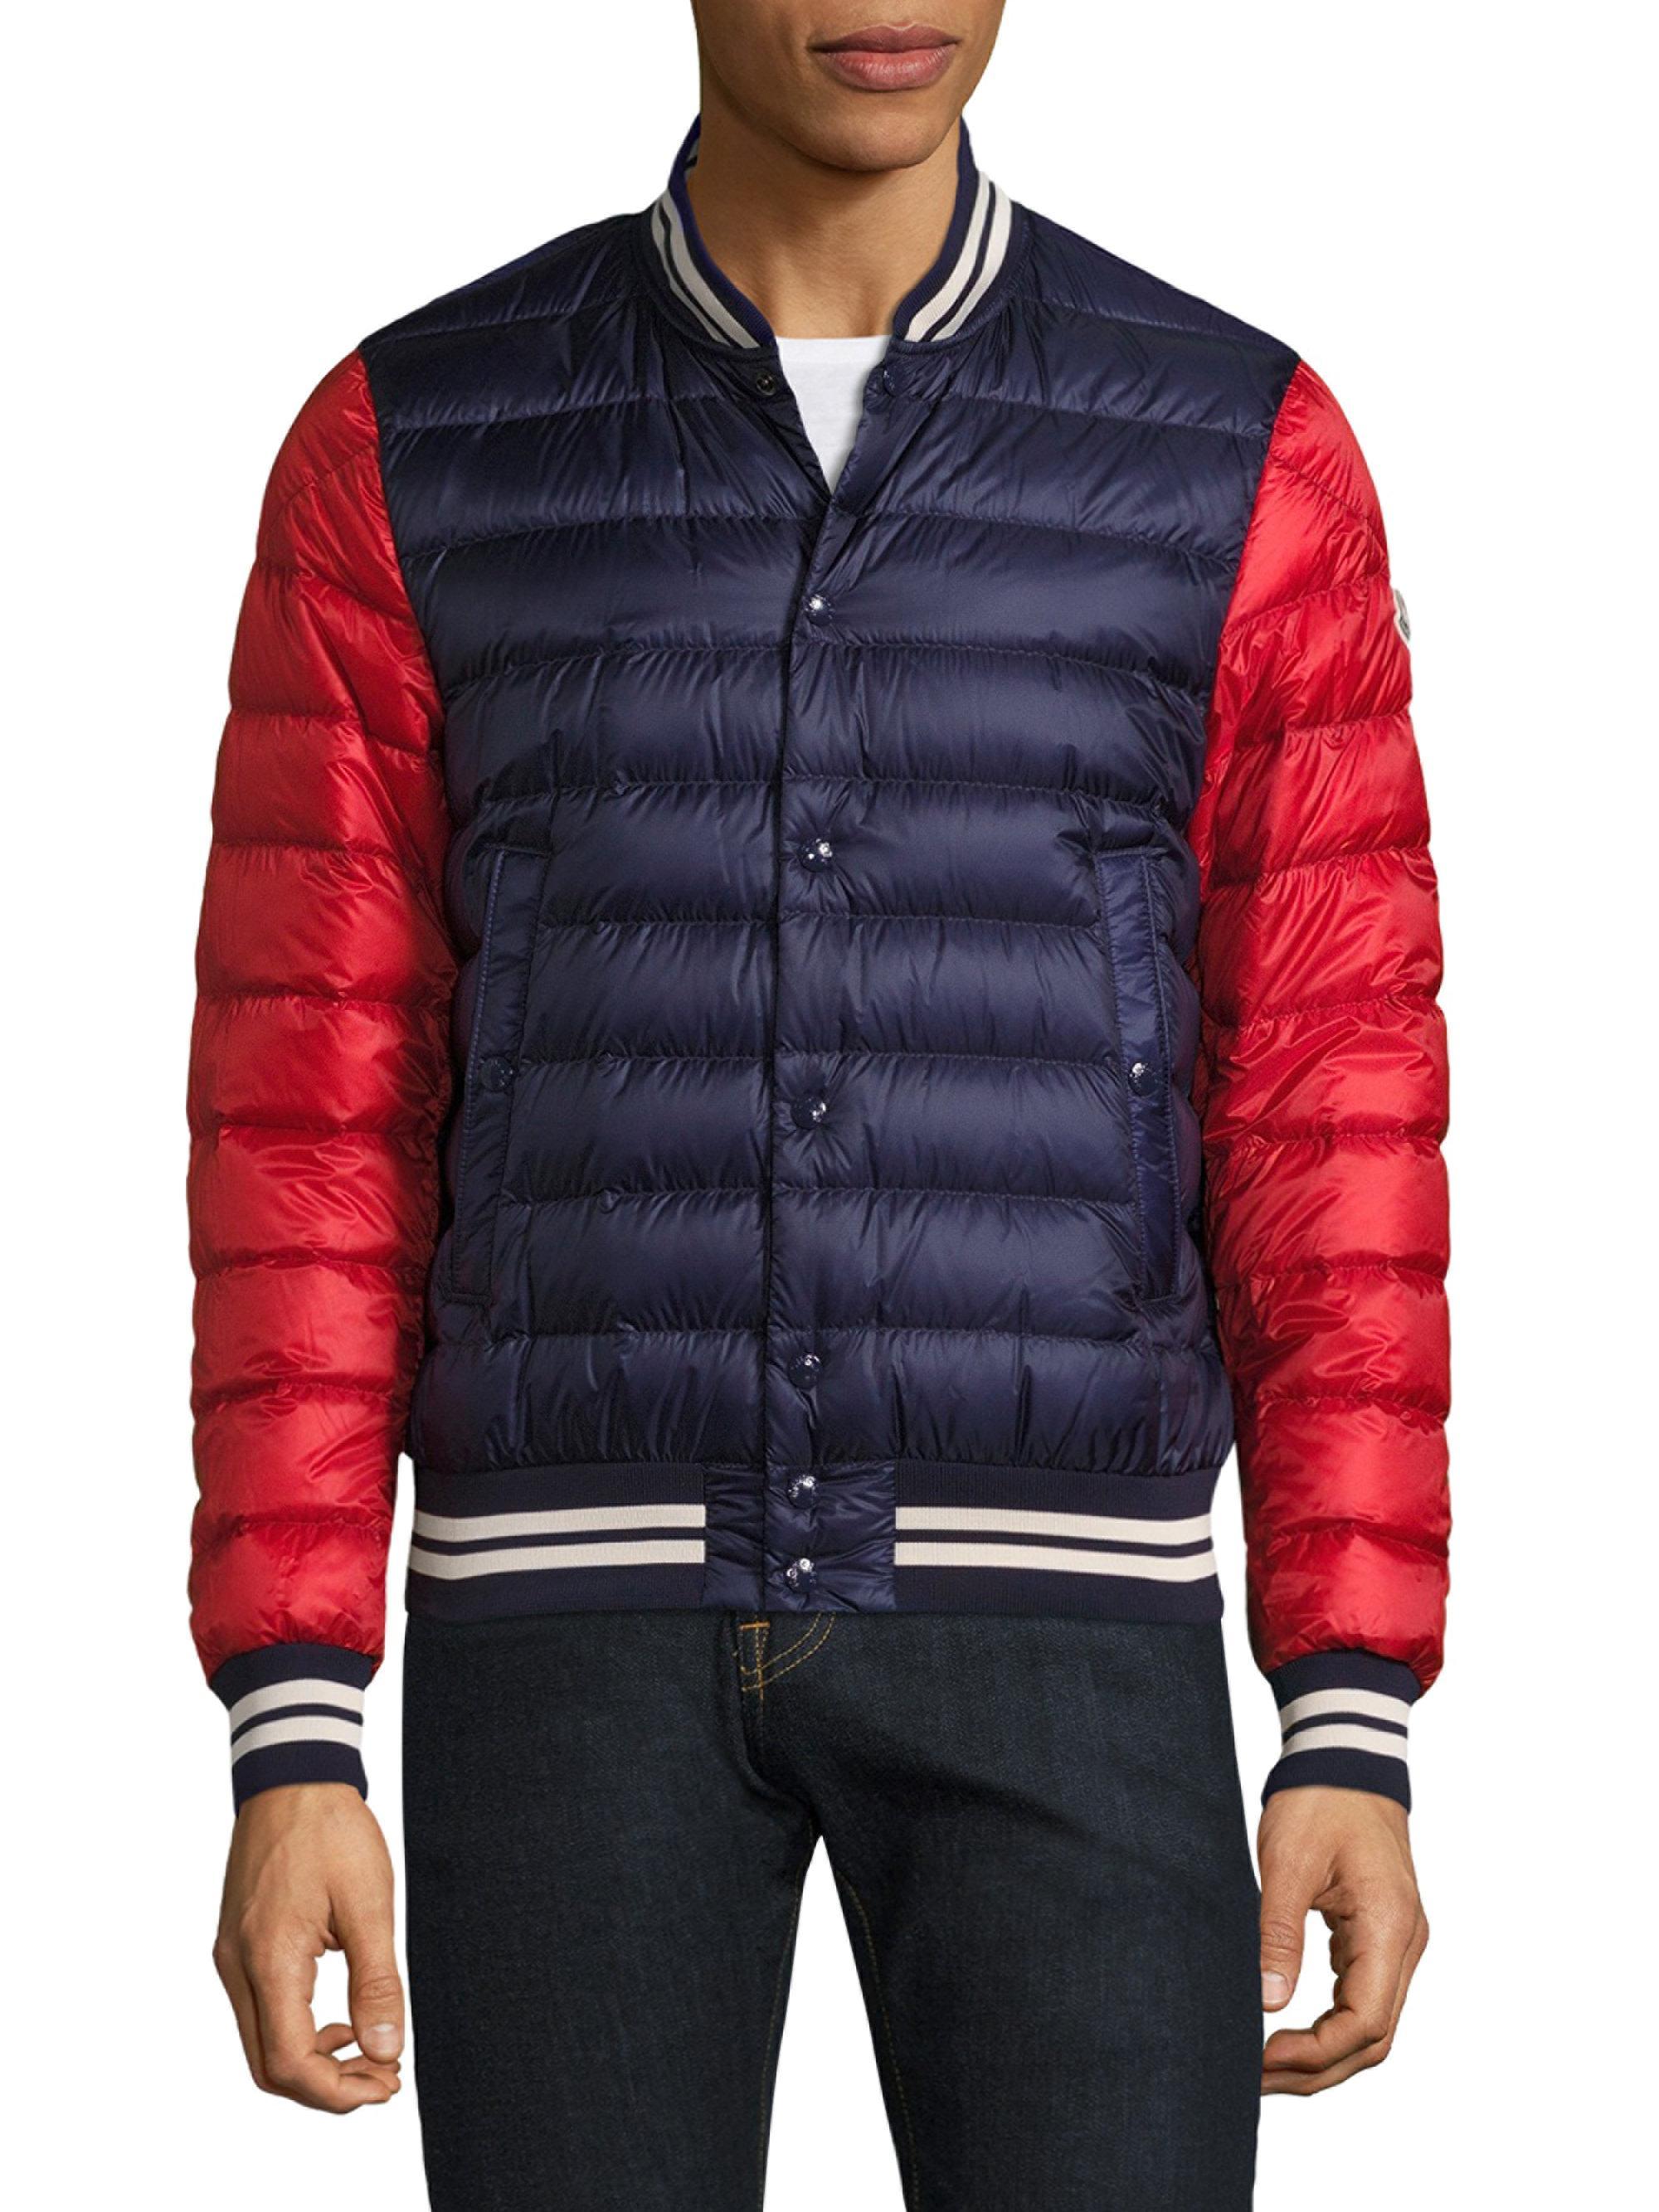 dbecedb3a wholesale moncler varsity jacket mens 7c263 195fc